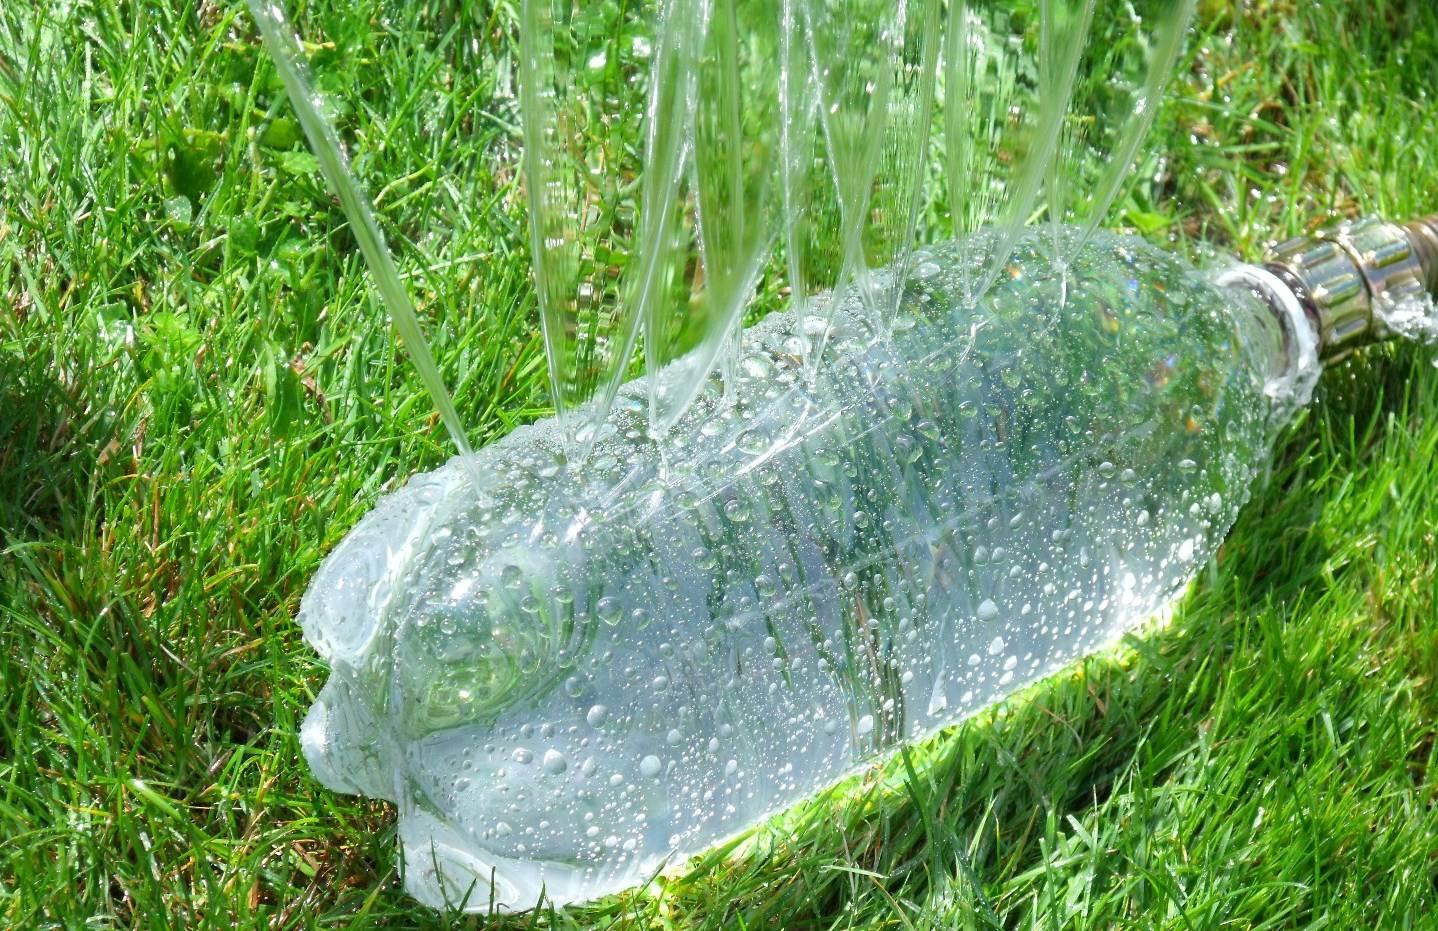 Как утилизировать пластиковые бутылки - wikihow